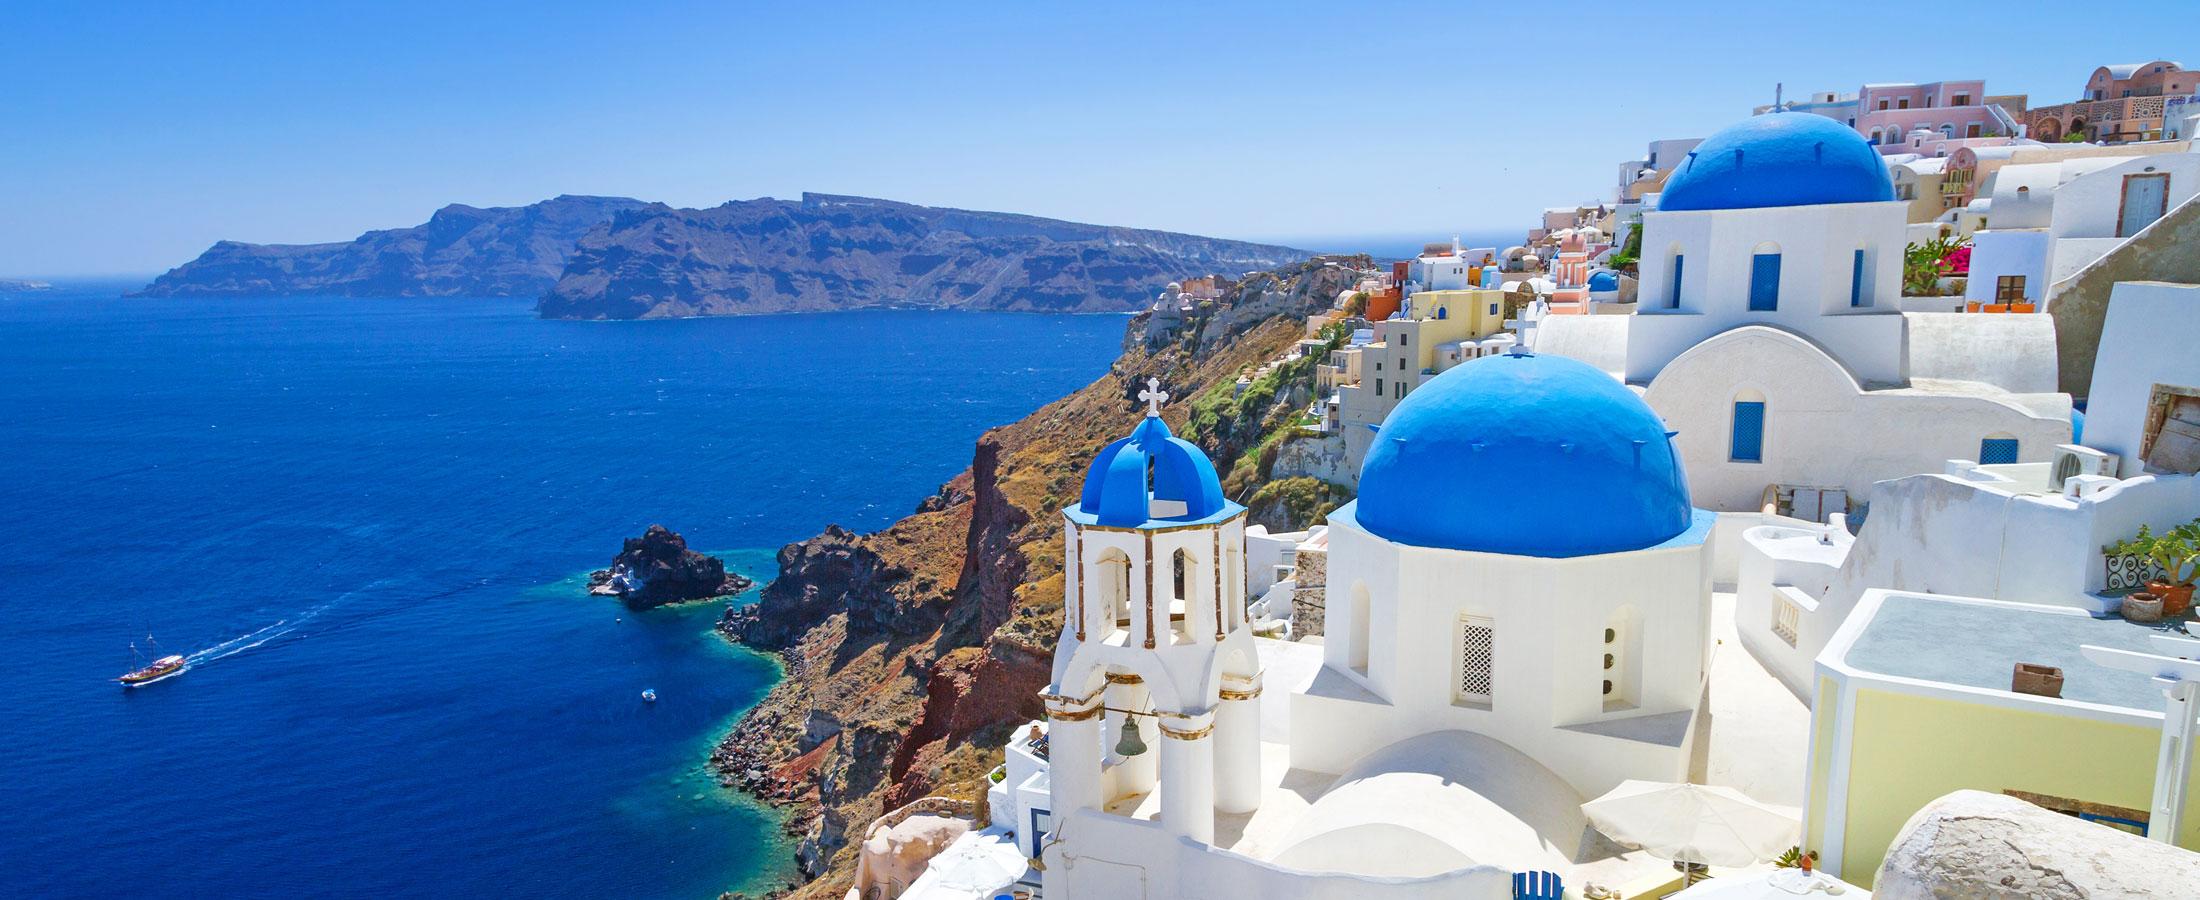 أجمل الأماكن السياحية